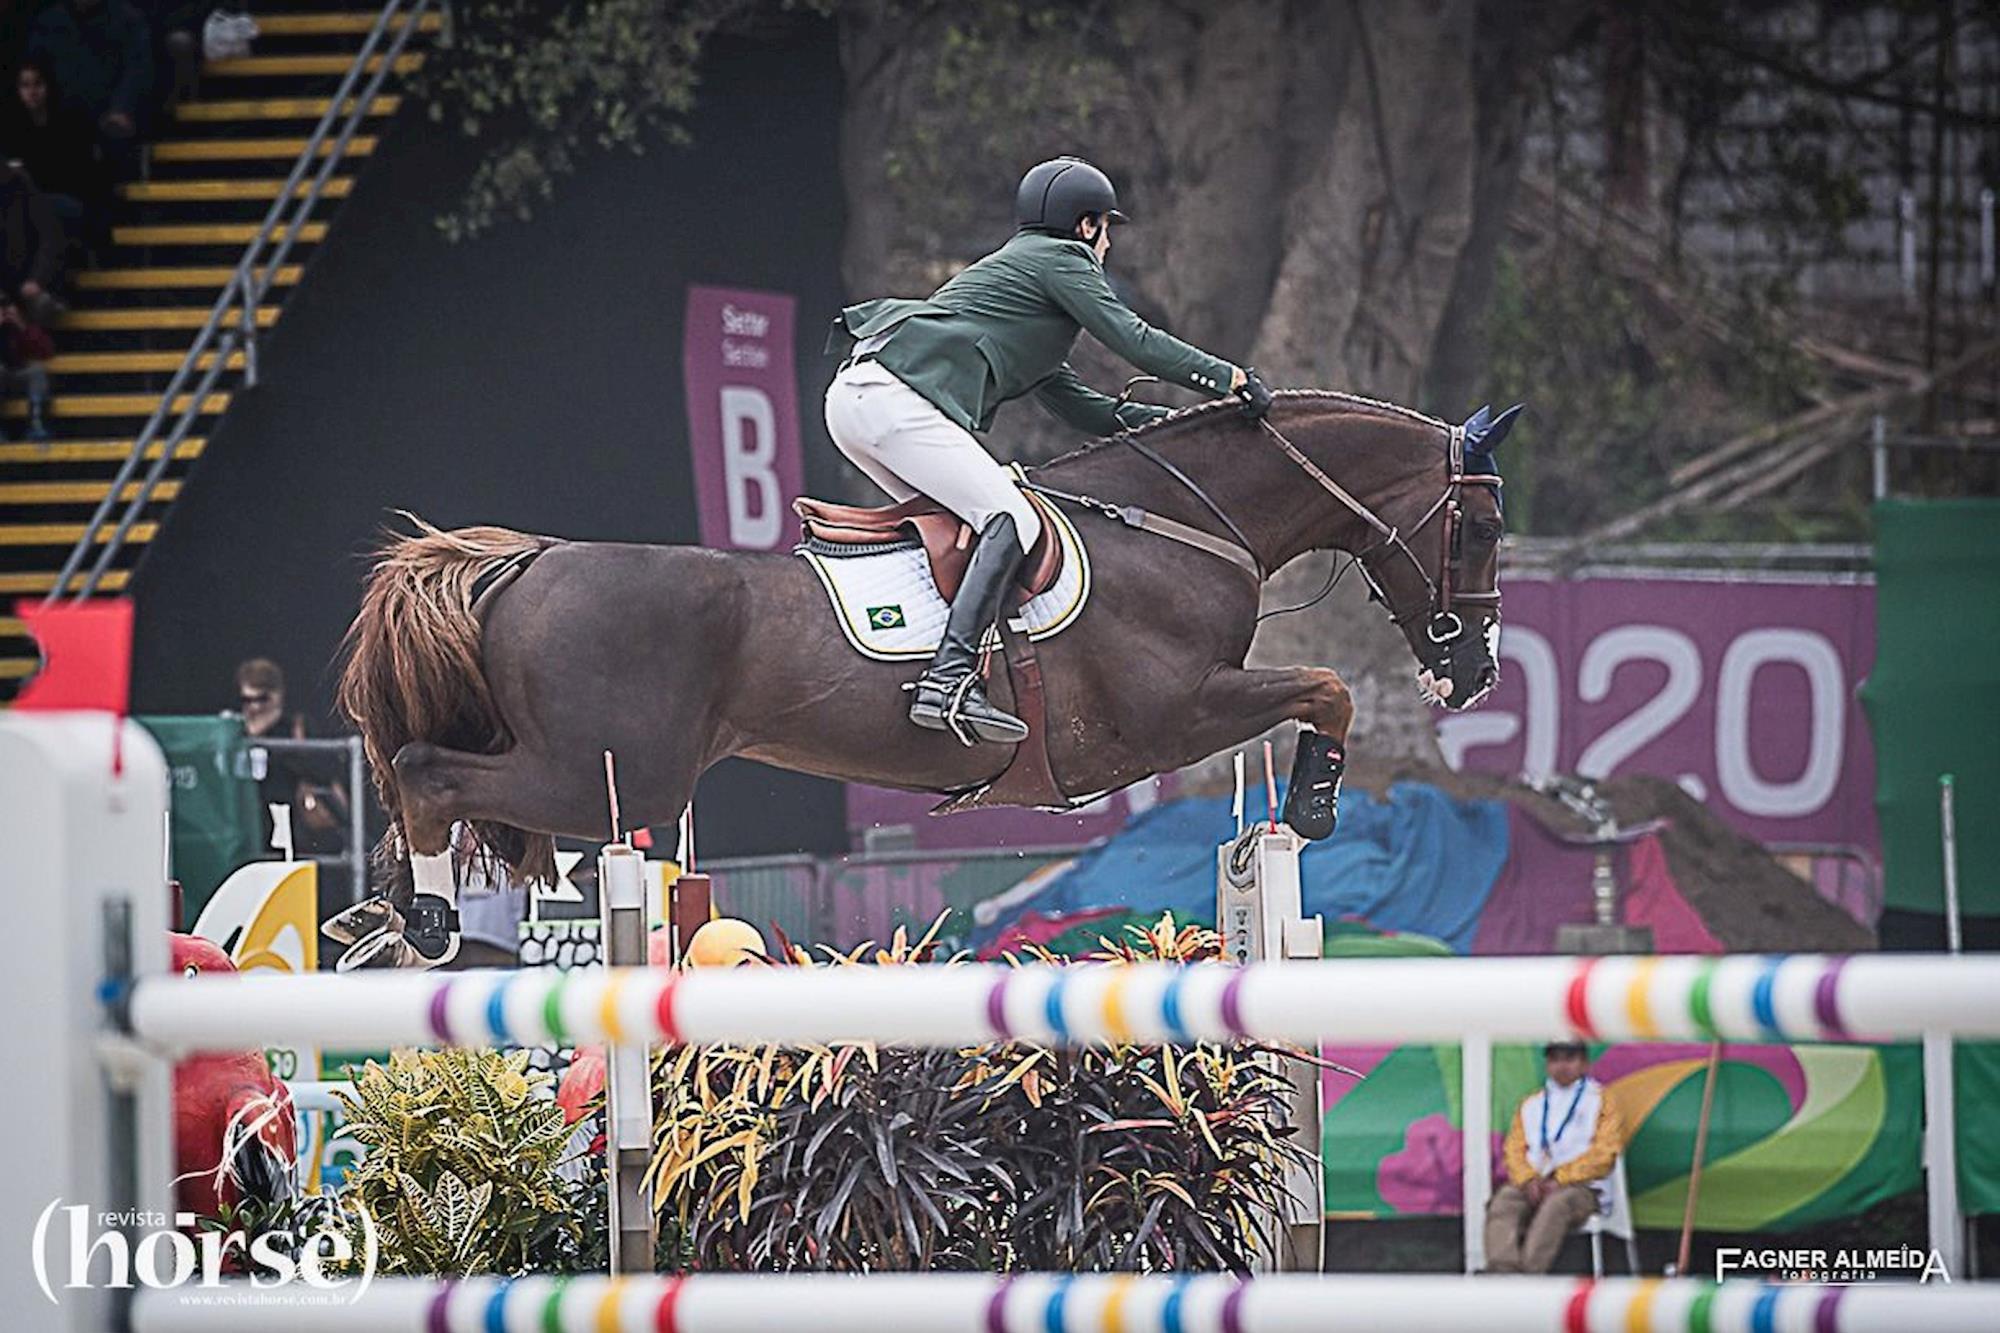 PEDRO VENISS/QUABRI DE LÍSLE, PEDRO VENISS,  QUABRI DE L ÍSLE, Fagner Almeida/Revista Horse, Time Brasil dá grande salto para o pódio e à vaga da Olimpíada de Tóquio